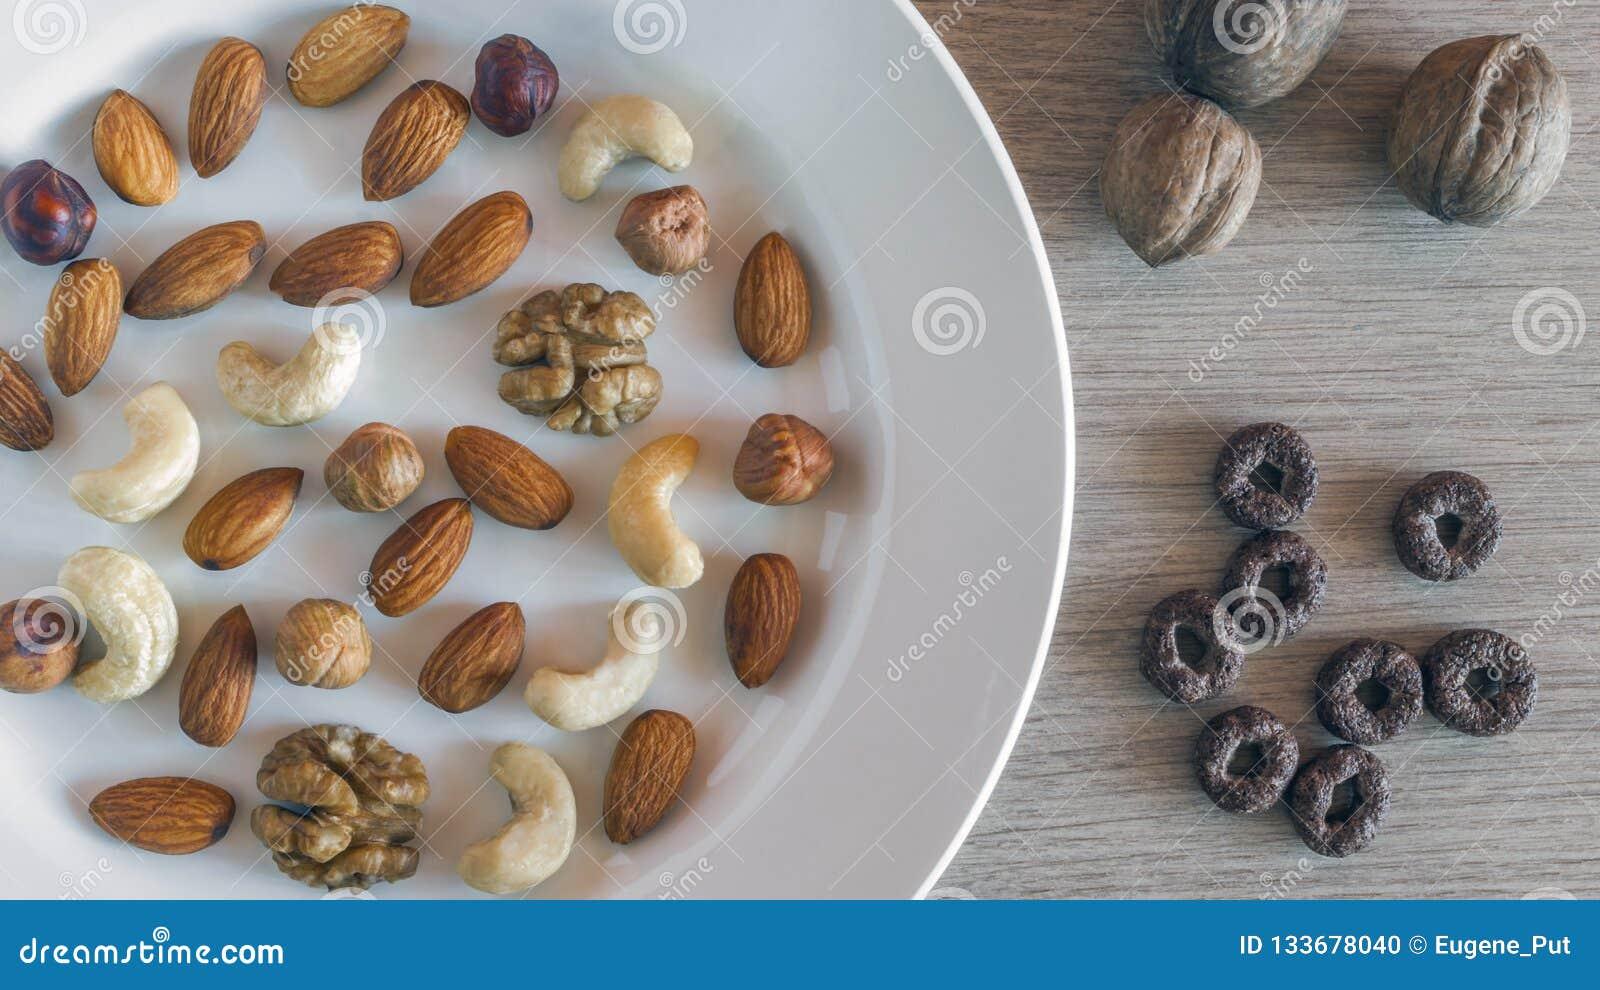 Mandorle, nocciole, noci, anacardi su un piatto bianco, tre intere noci, interi cereali croccanti del grano intorno all avena su